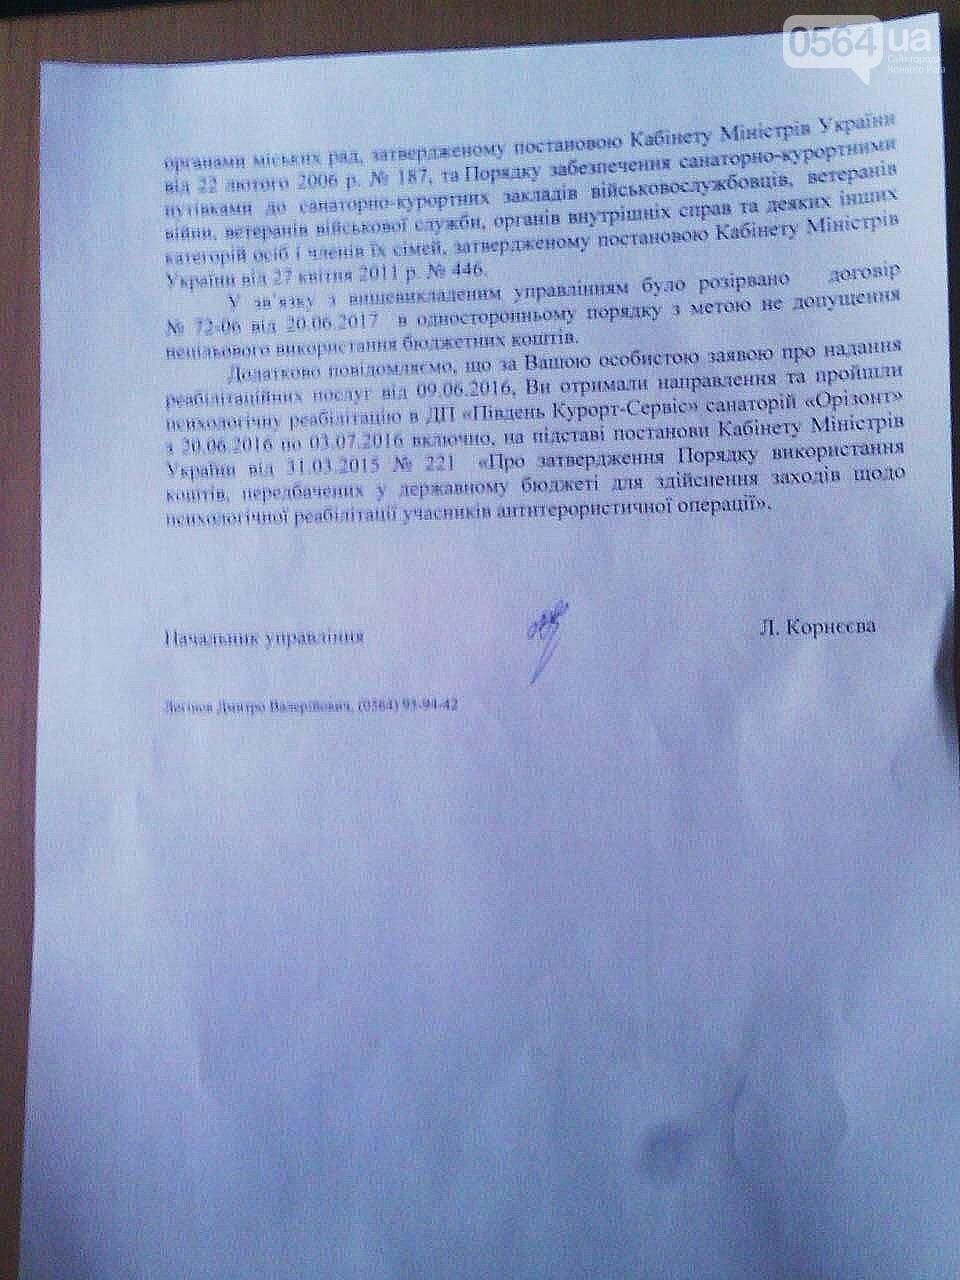 В Управлении соцзащиты объяснили, почему забрали у криворожанина-бойца АТО  путевку в санаторий (ФОТО), фото-3